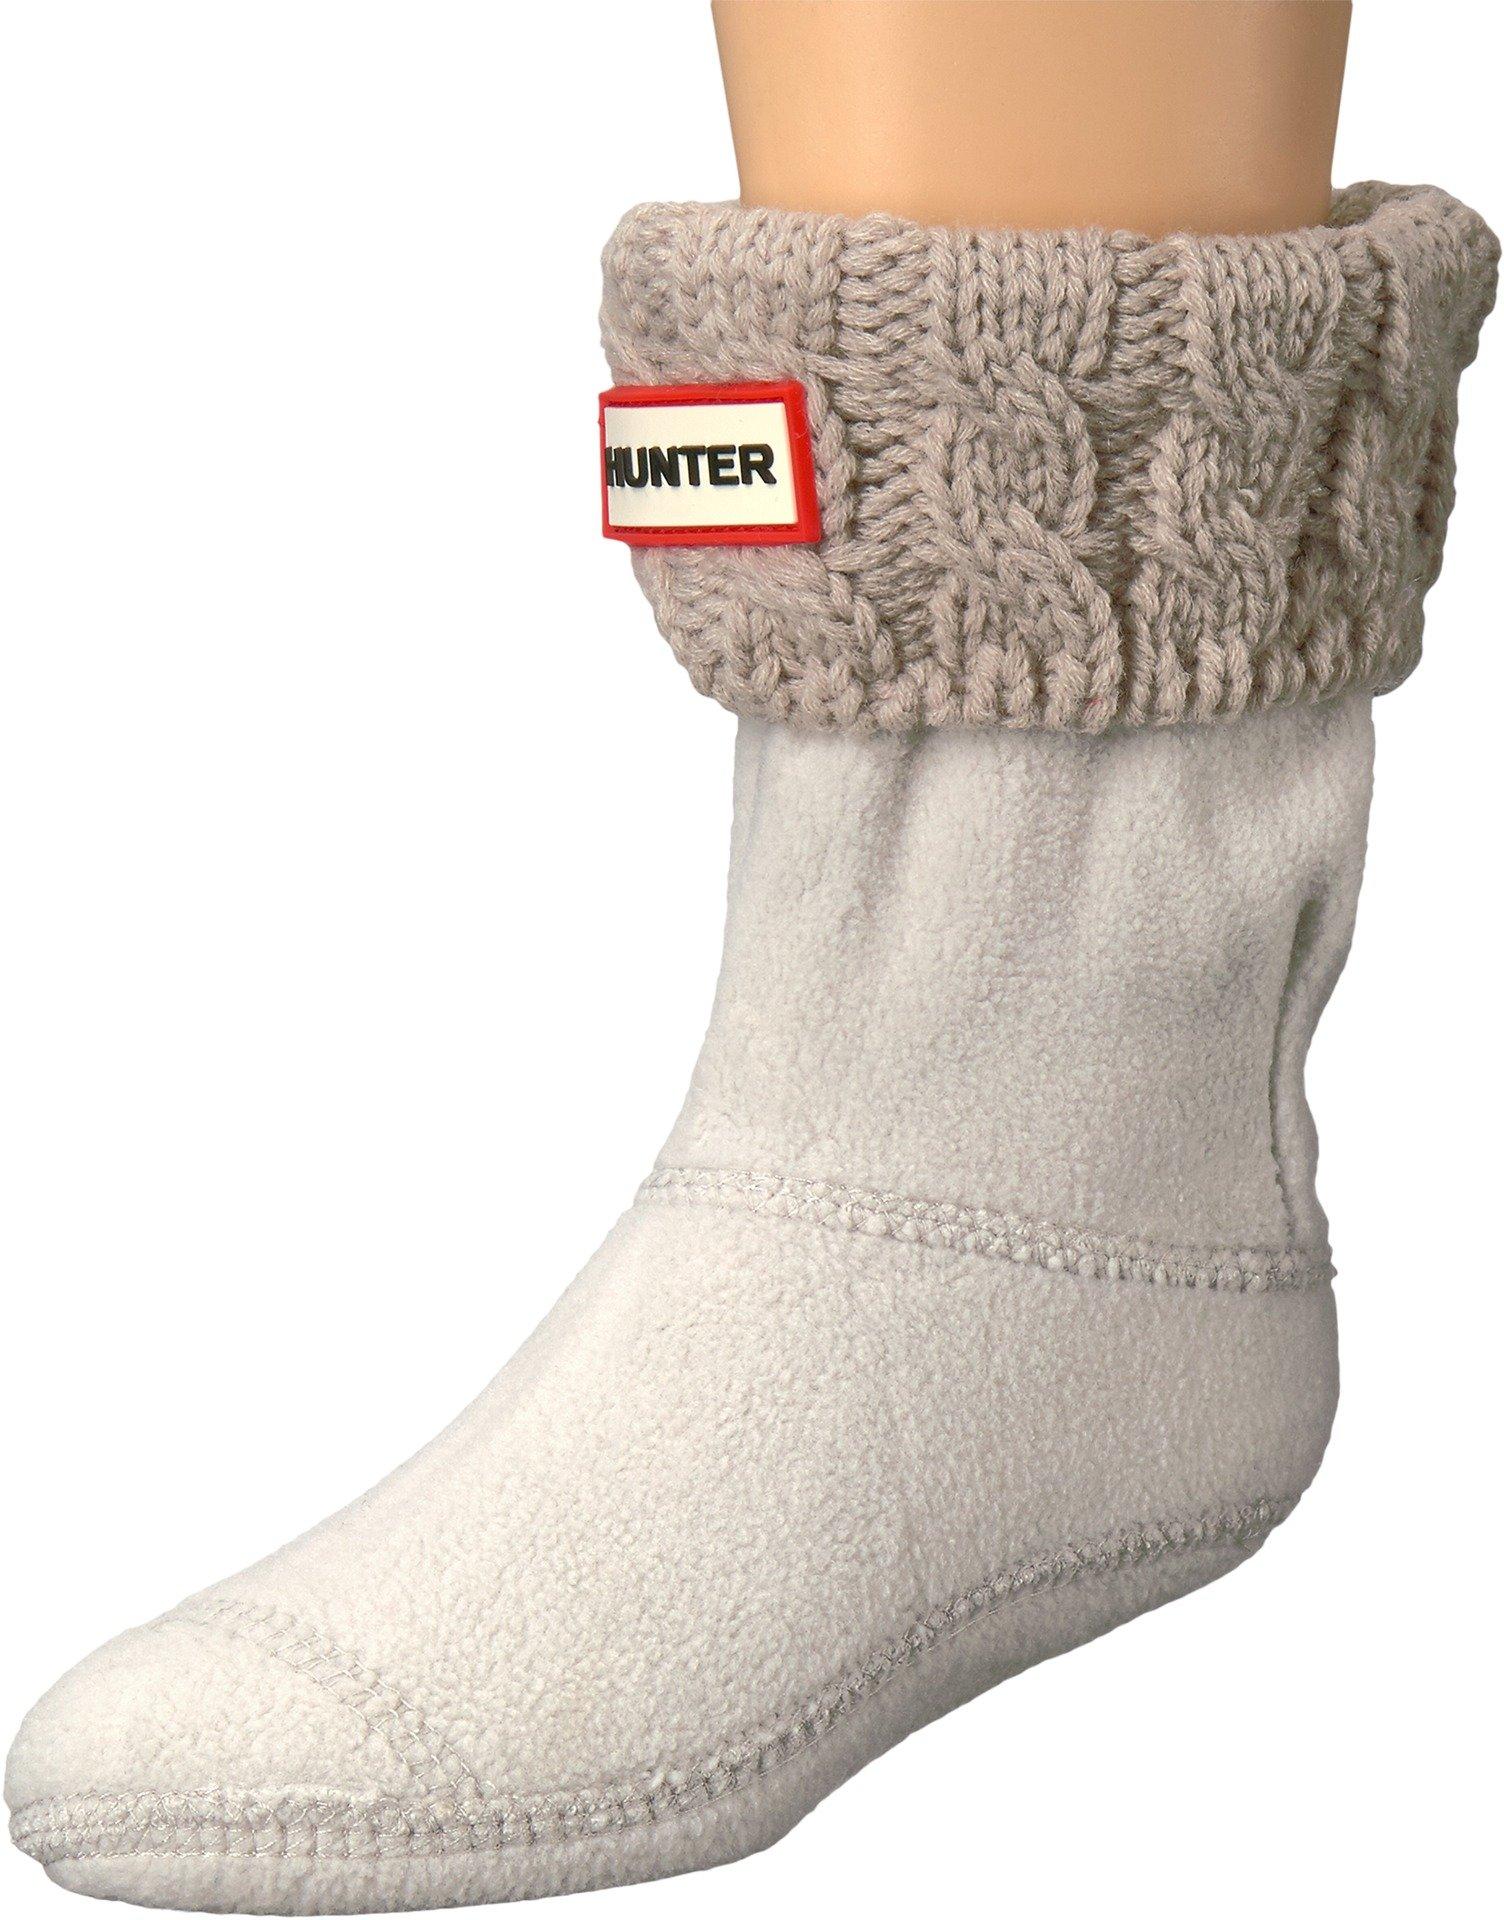 Hunter Girls' Kids 6stitch Cable Sock, Greige, 5 Infant